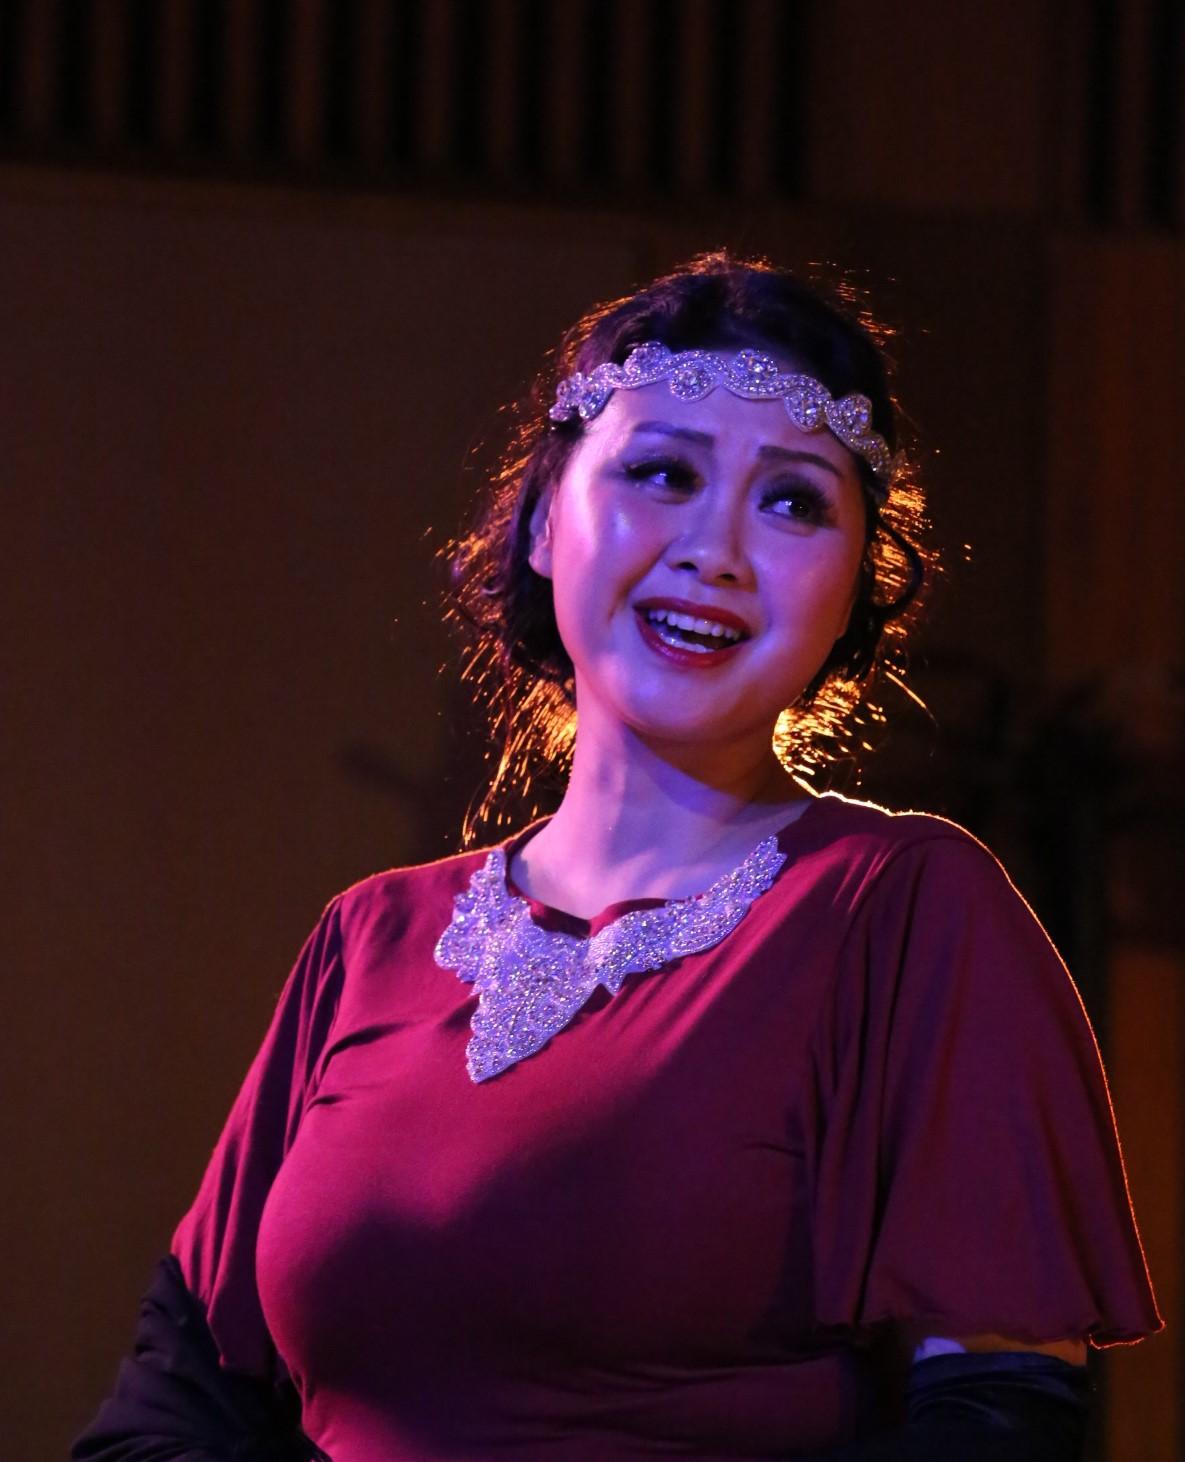 歌剧表演艺术家黄靖懿:致力于将歌剧音乐艺术播洒在美国华人社区